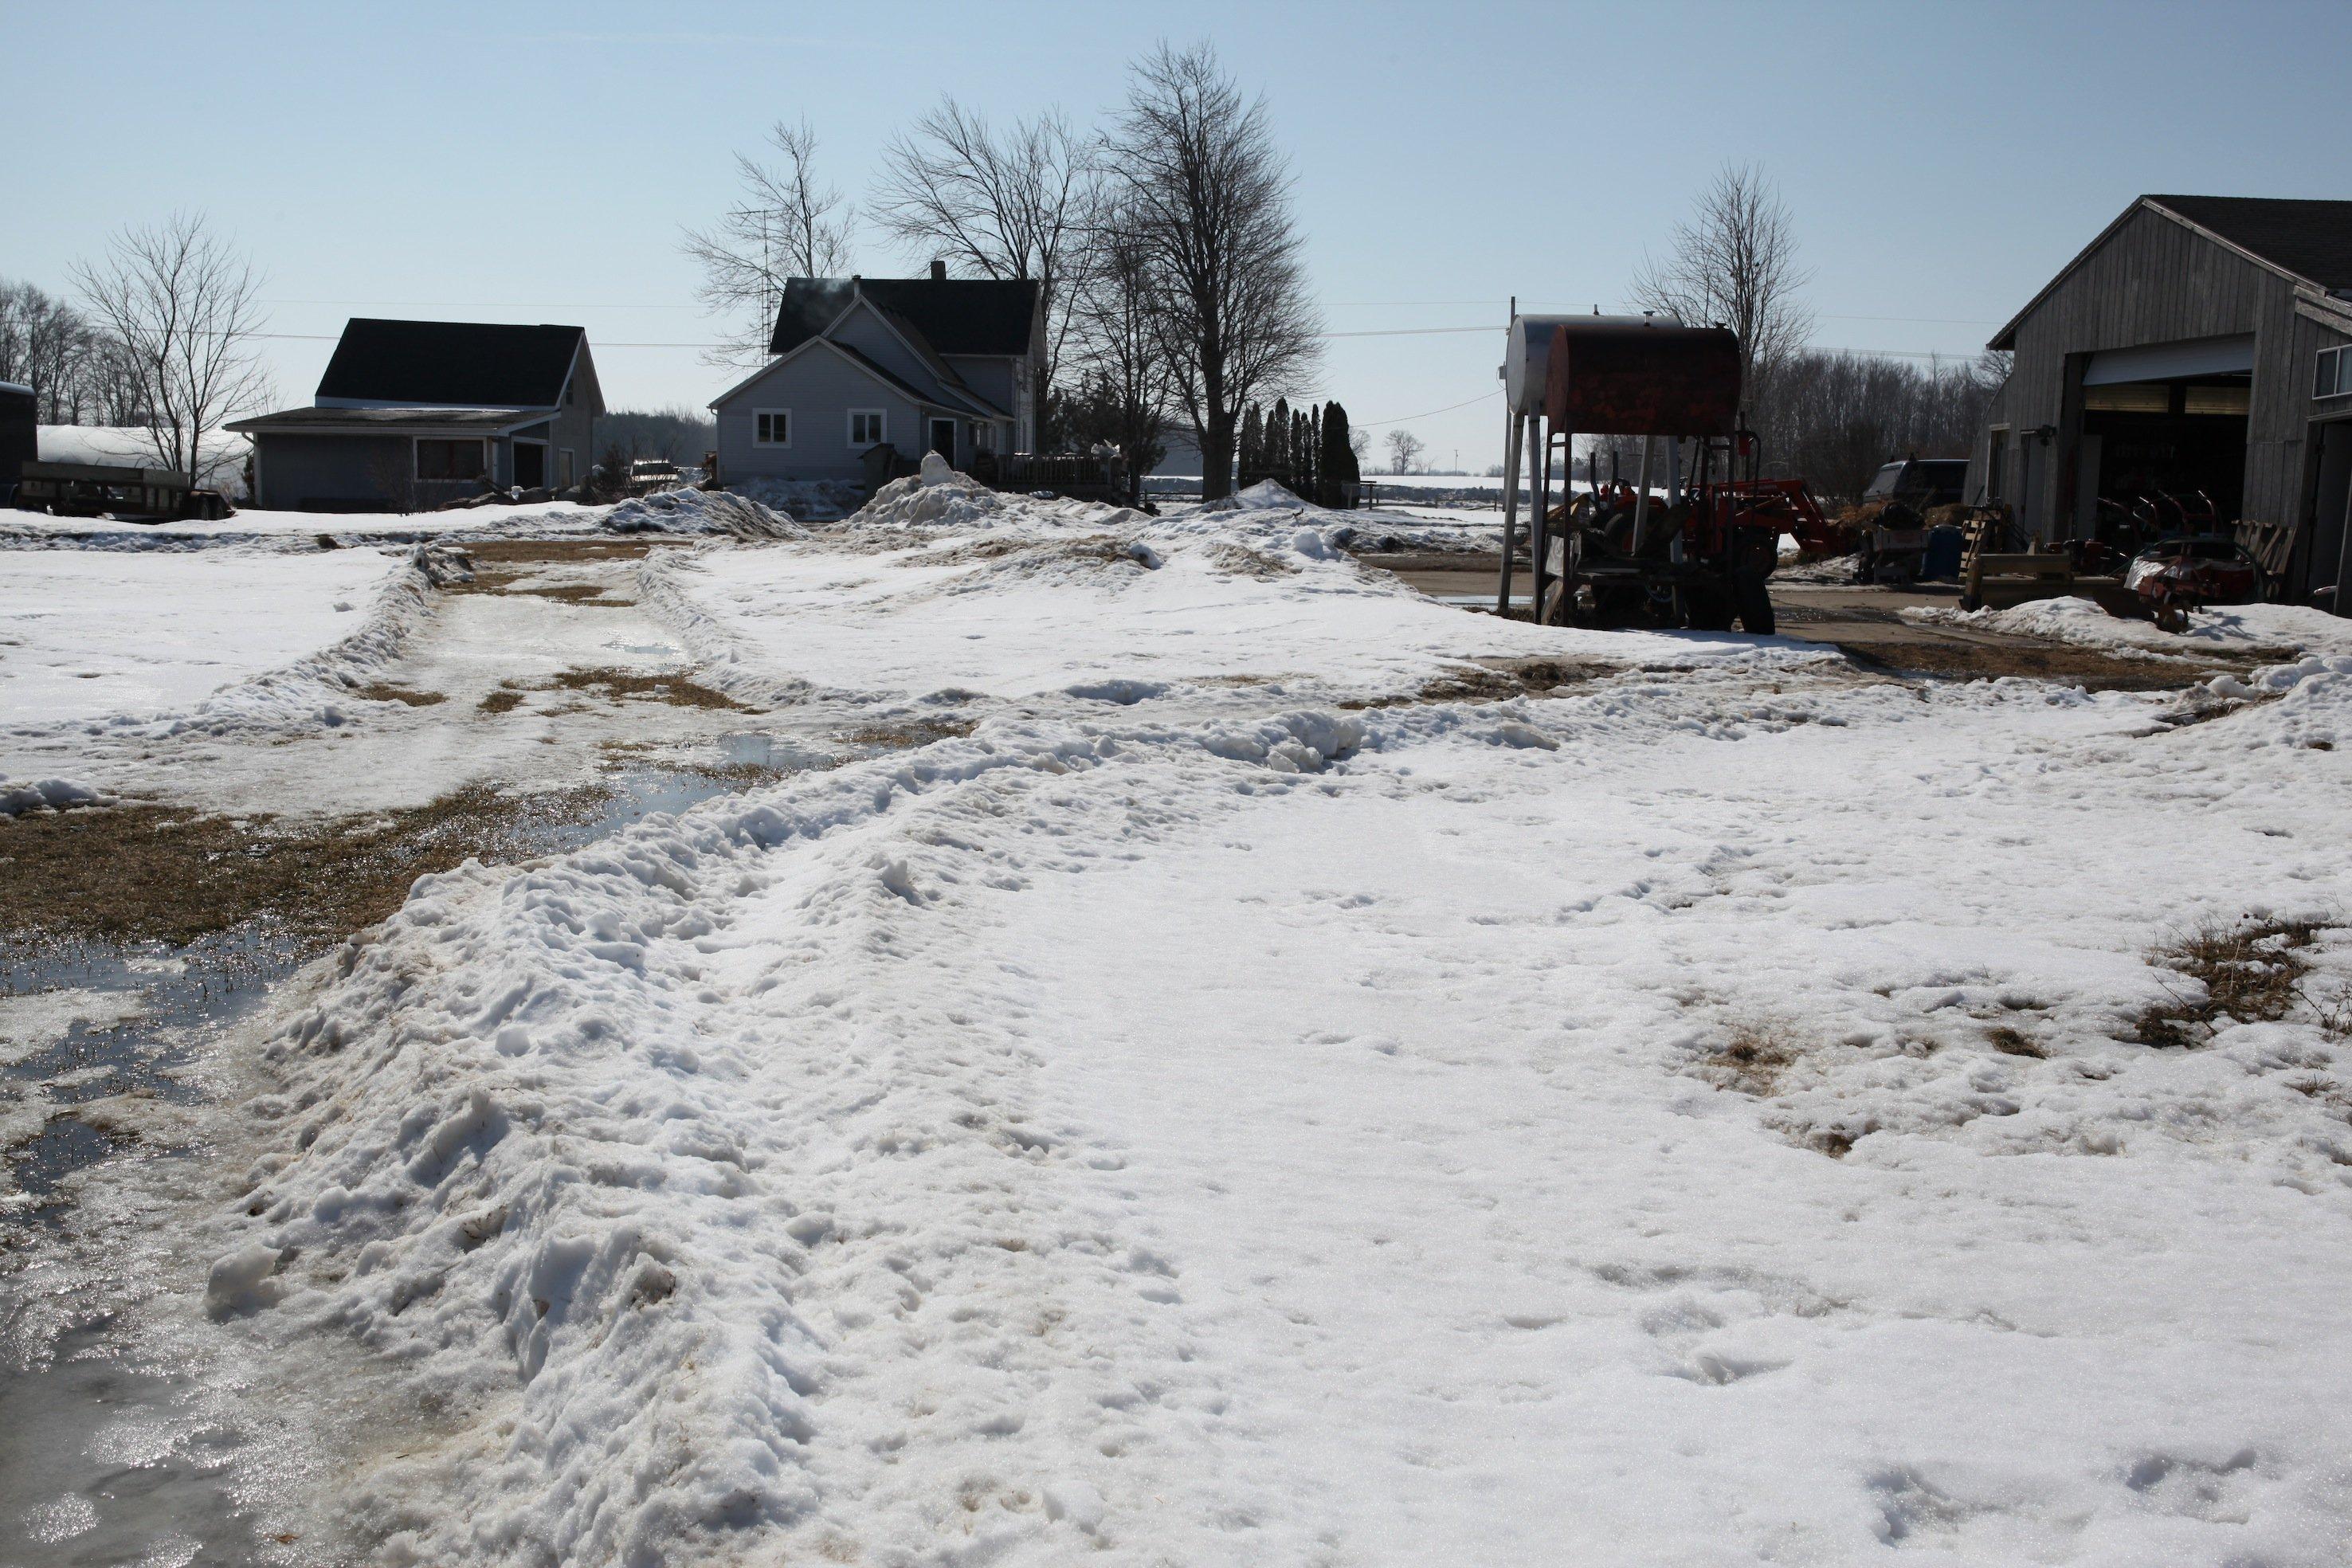 snowy farm in march